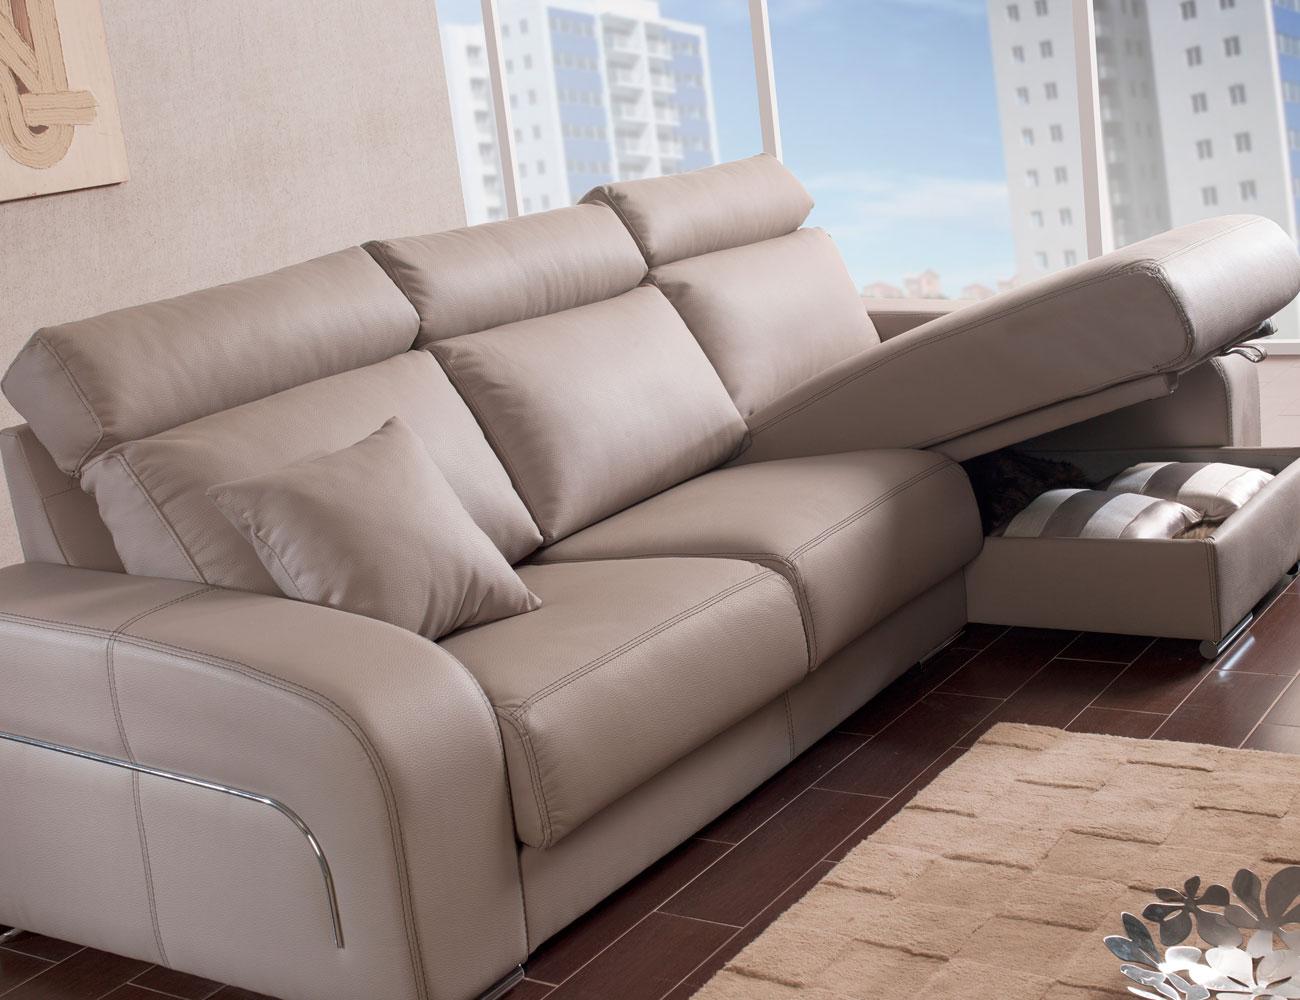 Sofa chaiselongue moderno pared cero arcon